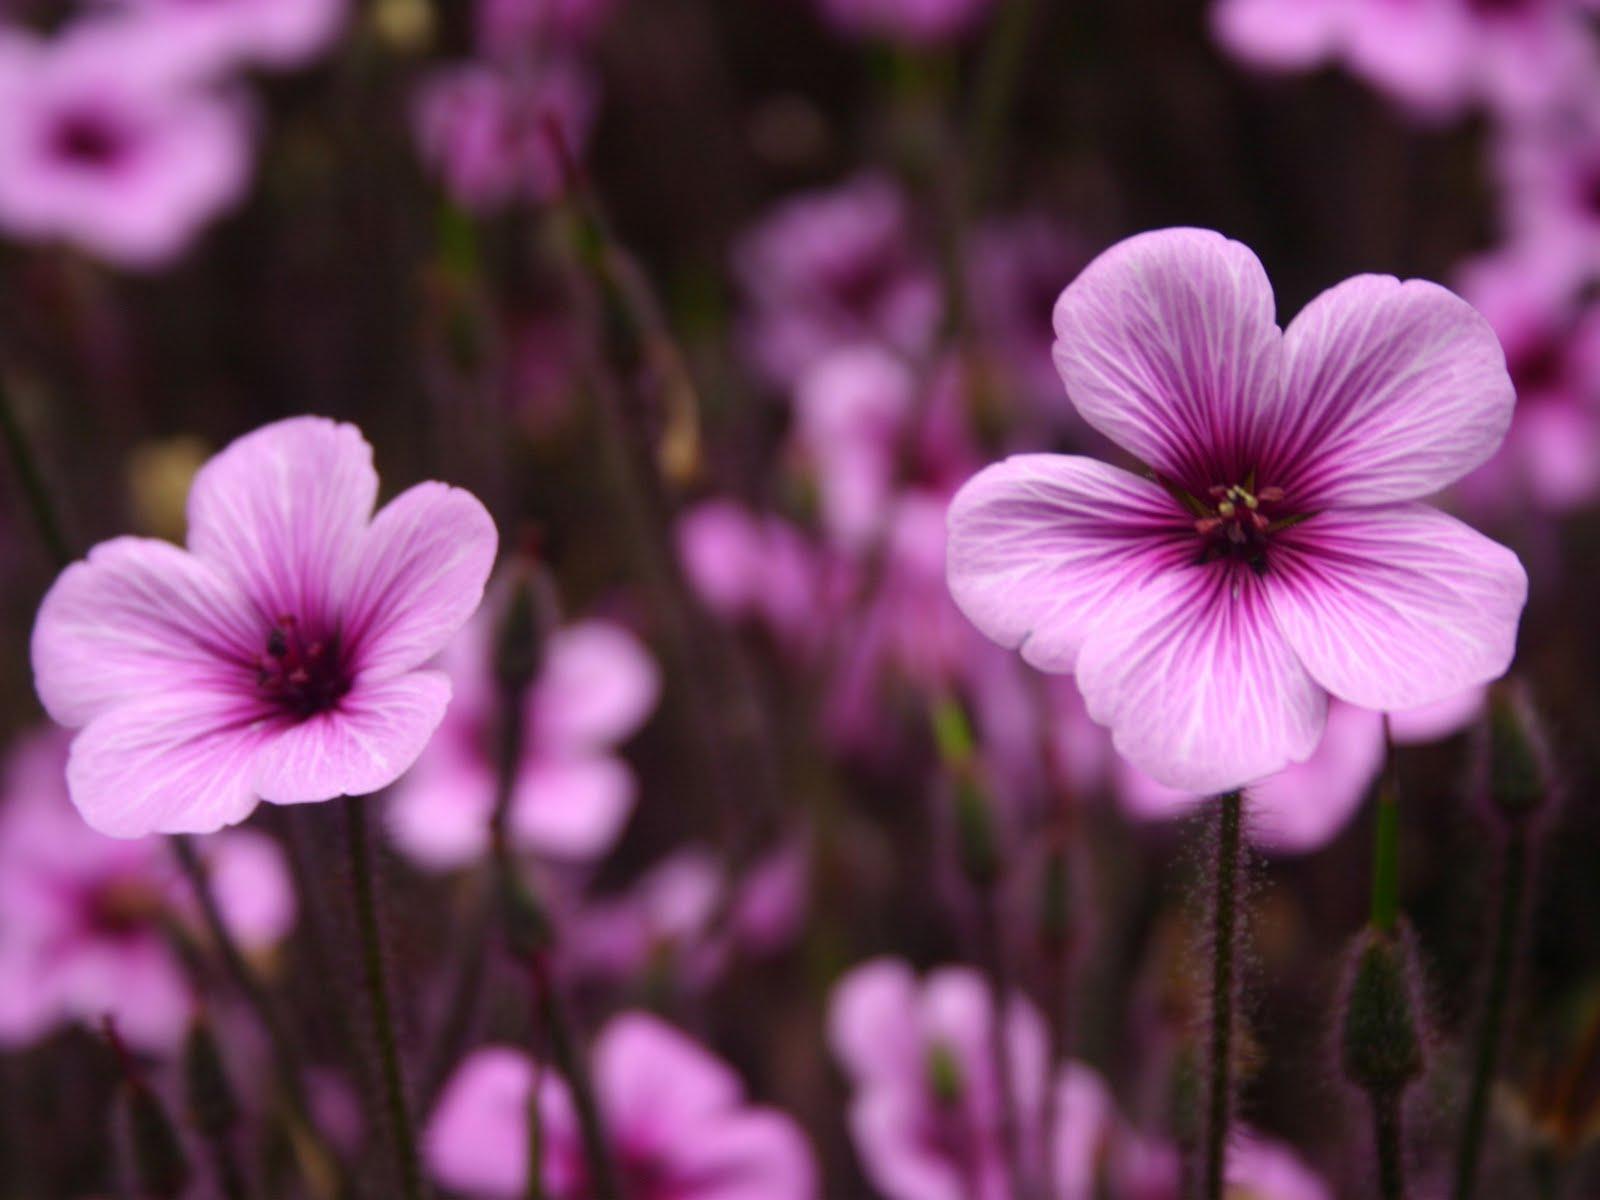 Little purple flowers background wallpapers purple background little purple flowers background wallpapers mightylinksfo